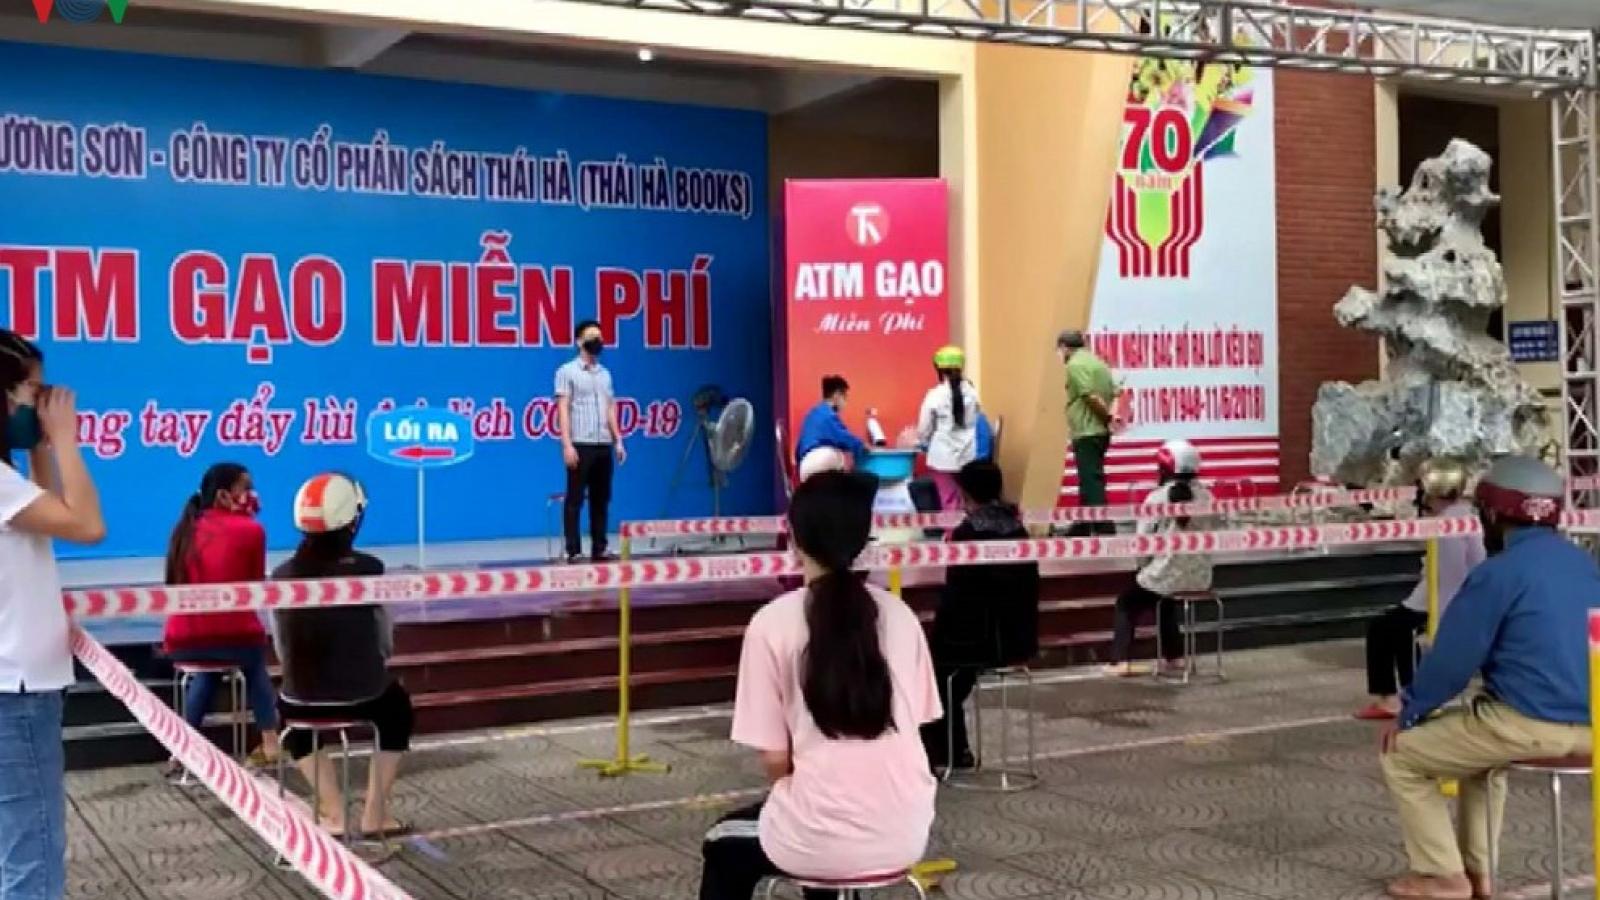 ATM gạo đầu tiên ở Hòa Bình sẽ hỗ trợ 30 tấn gạo cho người nghèo